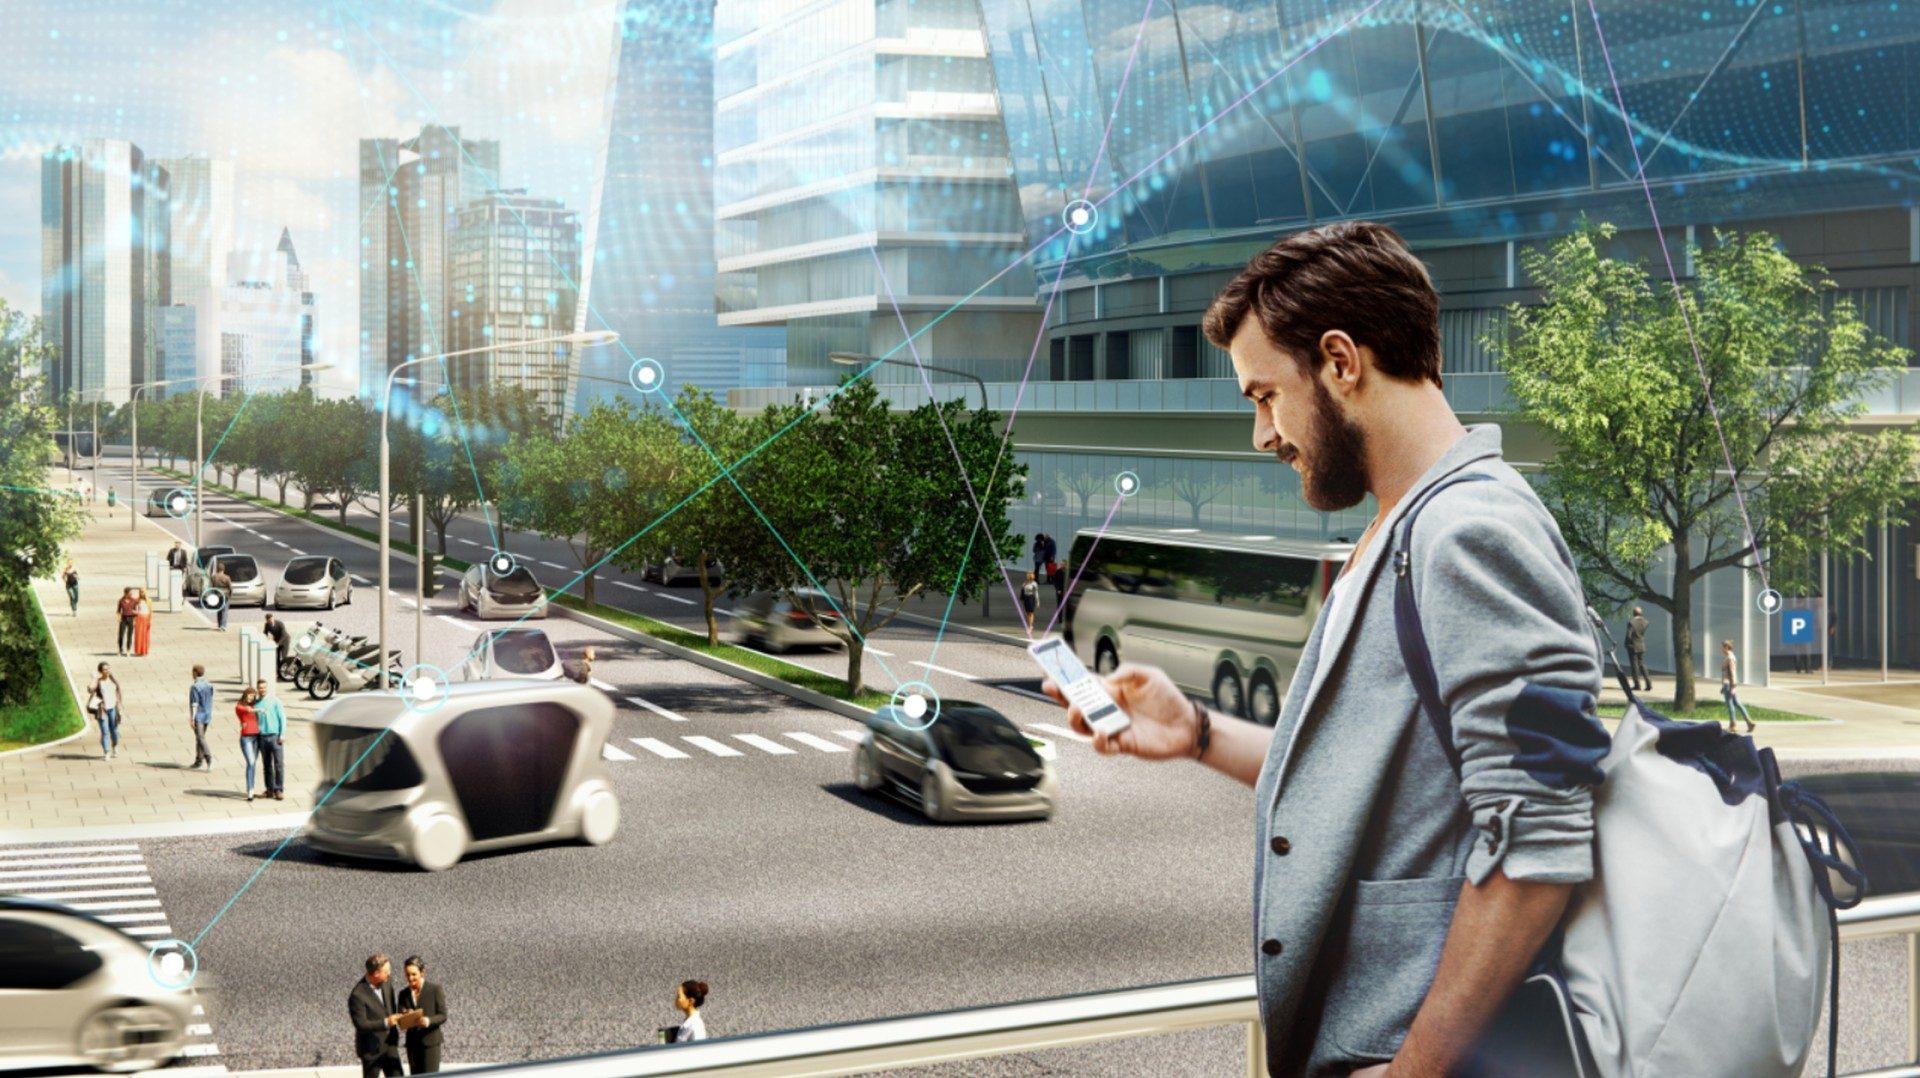 Mobilität ist mehr als Fahren mit dem eigenen Auto